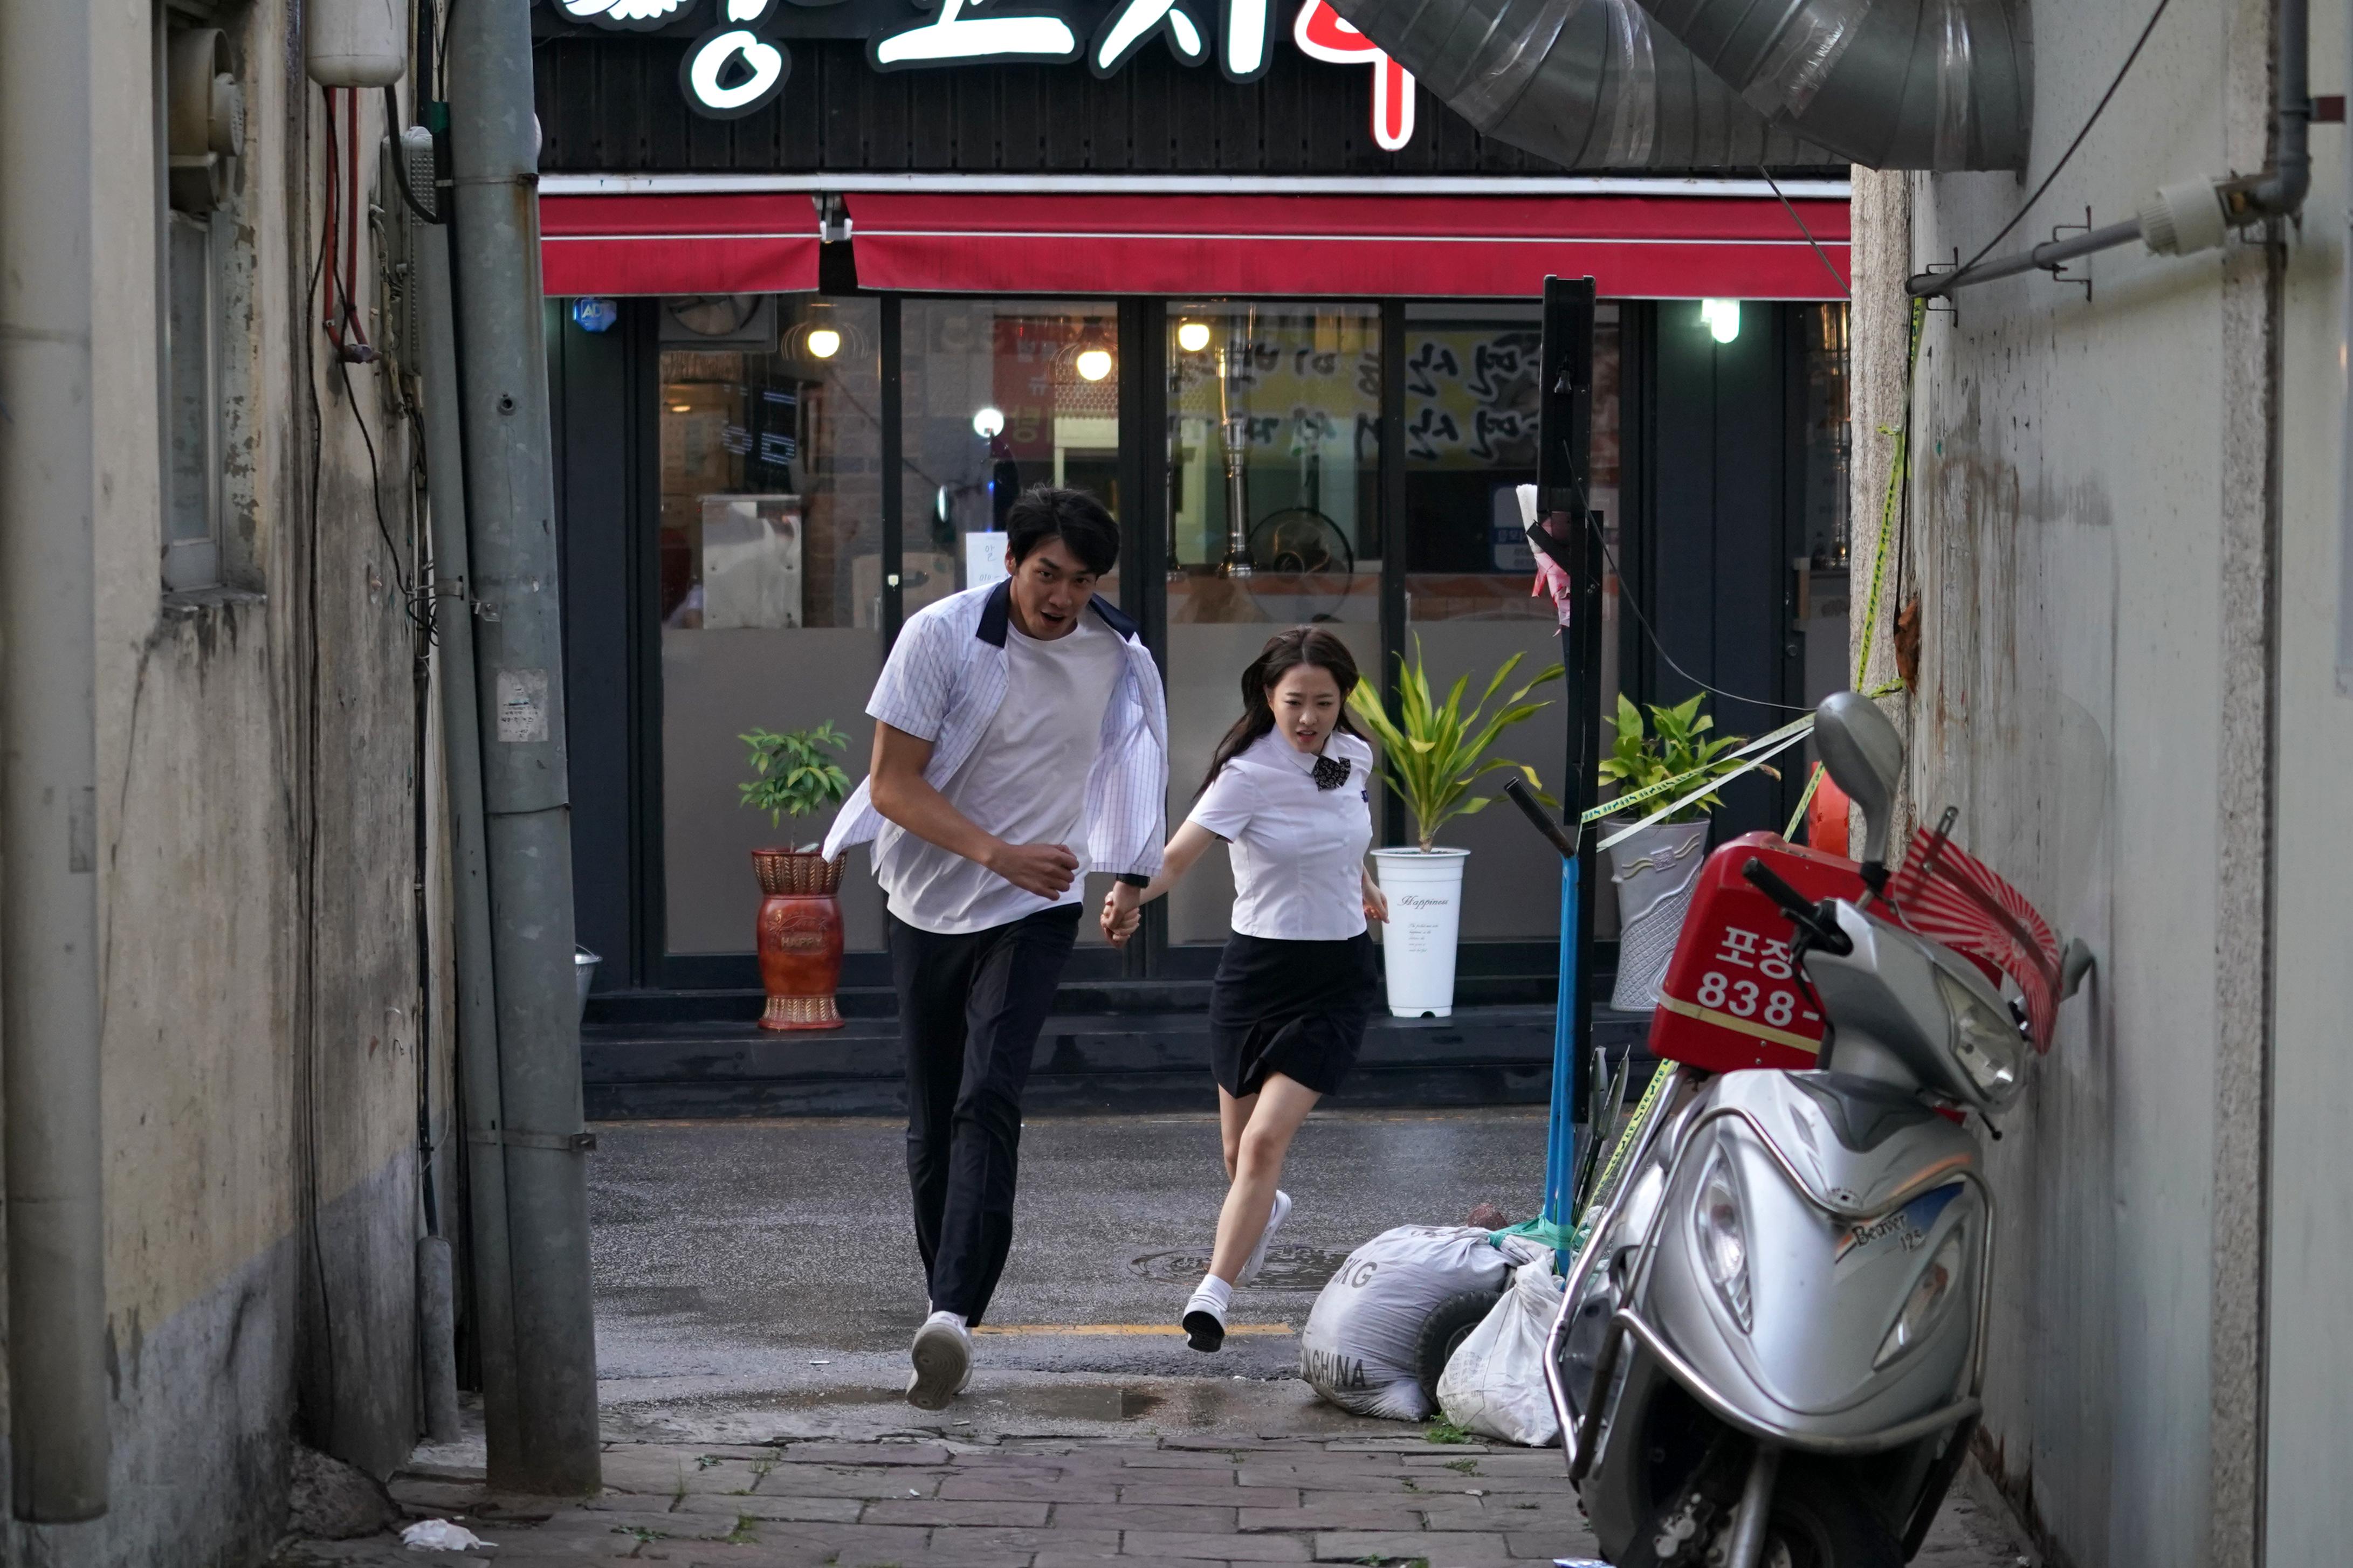 電影被視為韓版《那些年》和《我的少女時代》,初戀情懷的確有所雷同。